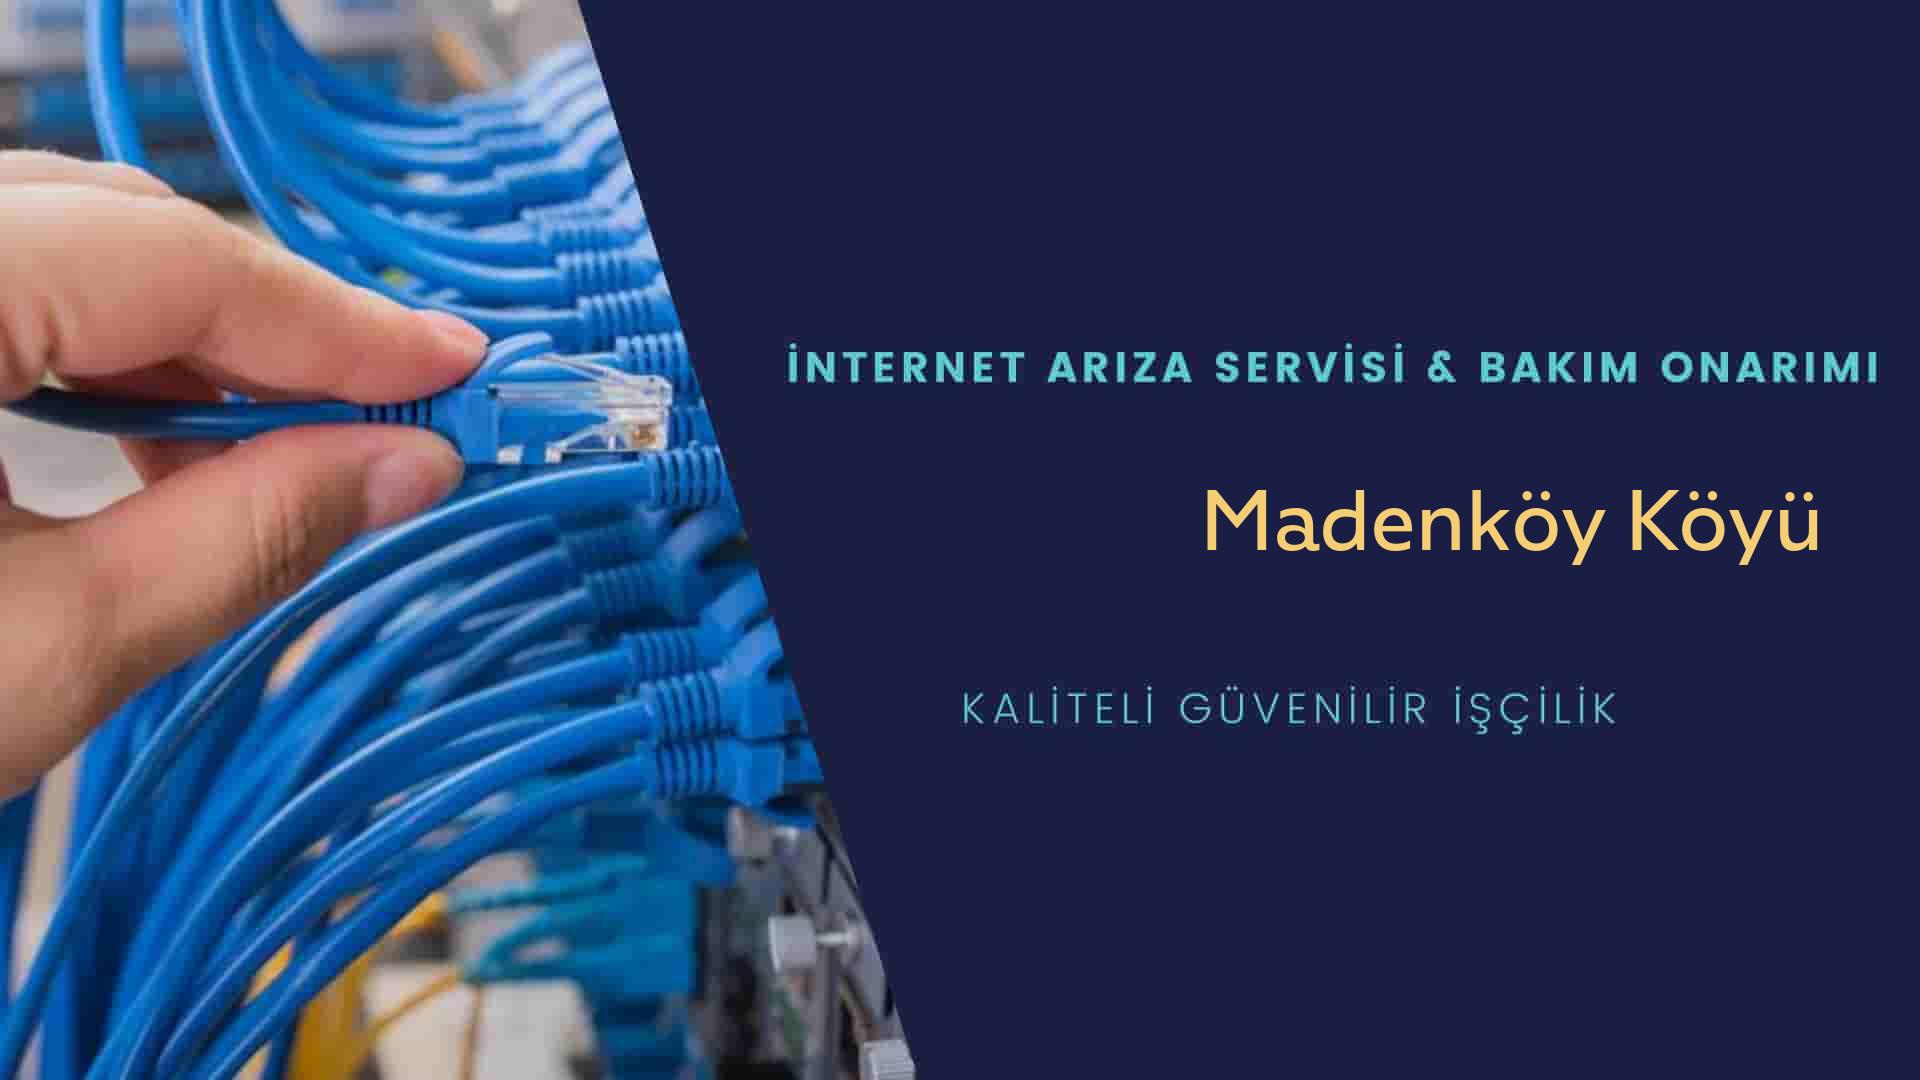 Madenköy Köyü internet kablosu çekimi yapan yerler veya elektrikçiler mi? arıyorsunuz doğru yerdesiniz o zaman sizlere 7/24 yardımcı olacak profesyonel ustalarımız bir telefon kadar yakındır size.